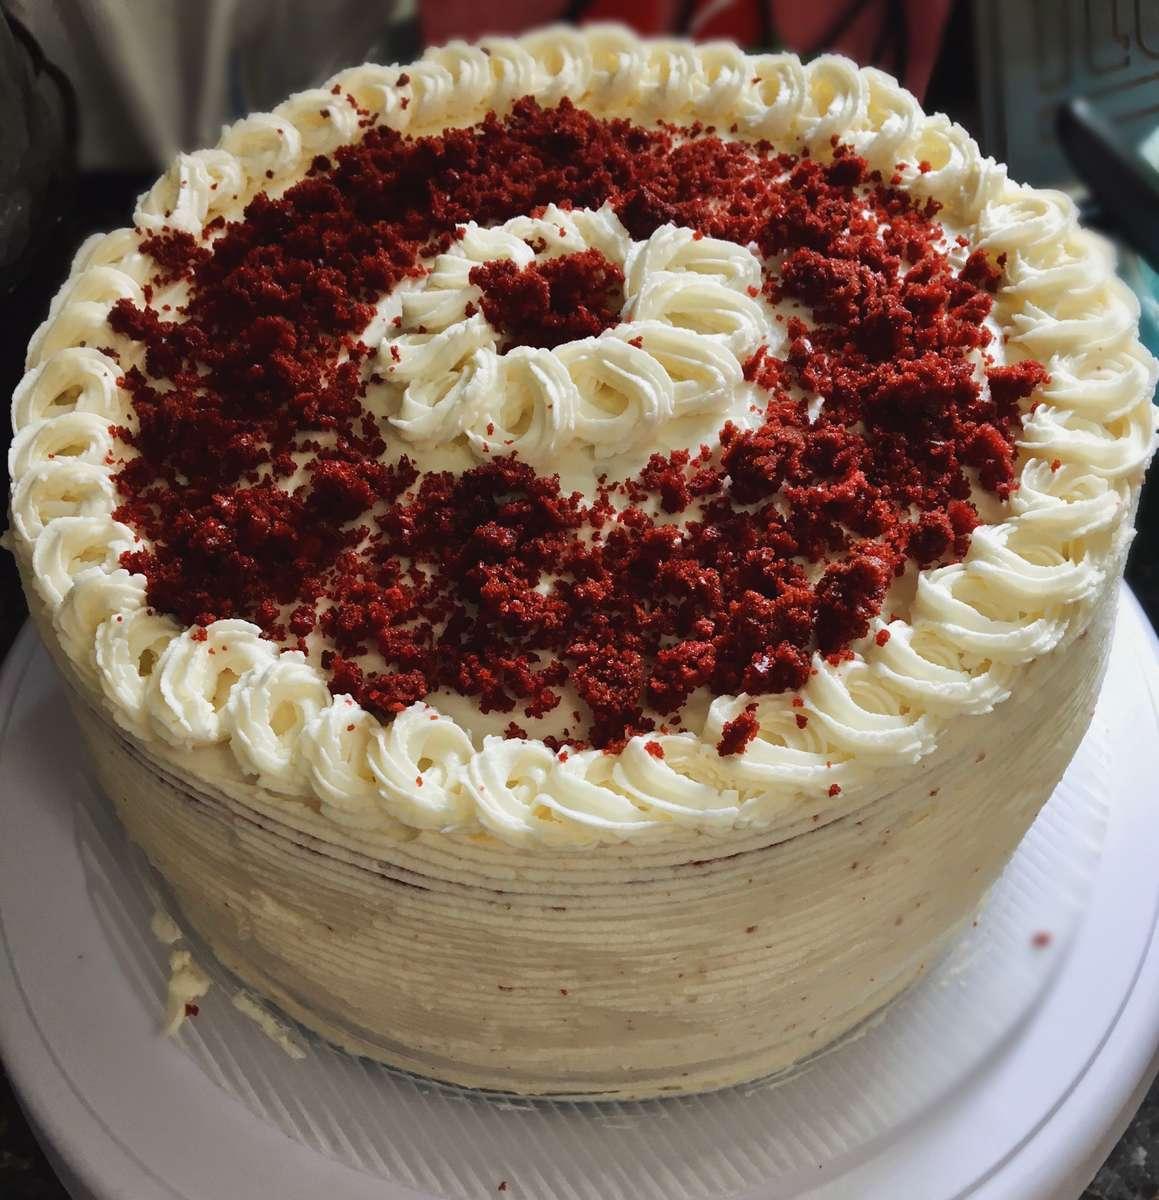 Homemade Red Velvet Cheesecake